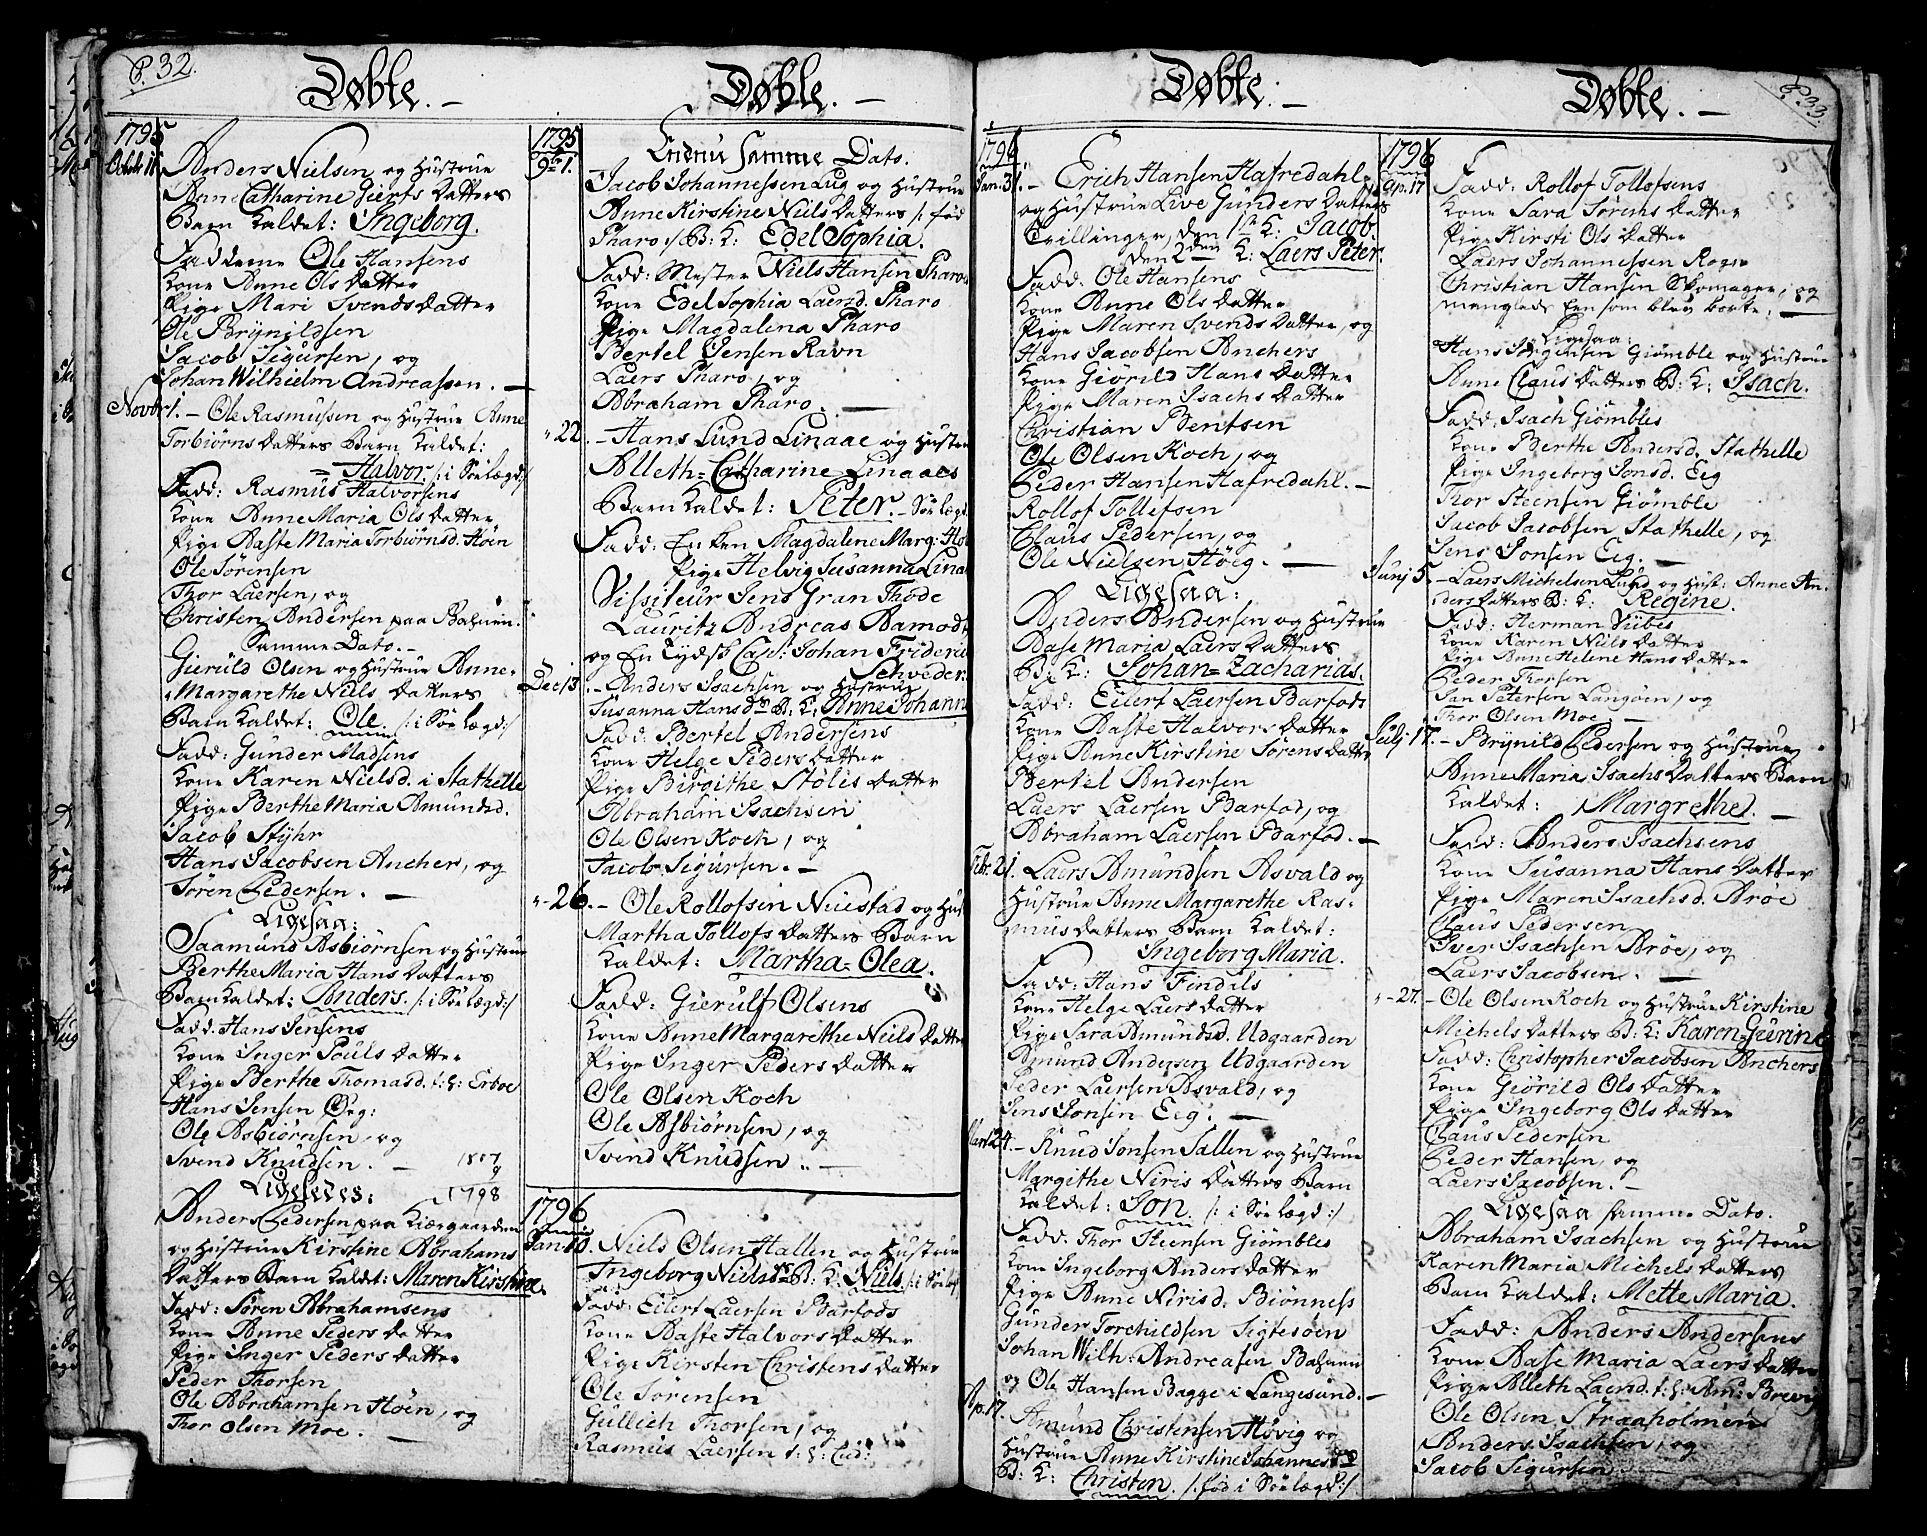 SAKO, Langesund kirkebøker, G/Ga/L0001: Klokkerbok nr. 1, 1783-1801, s. 32-33